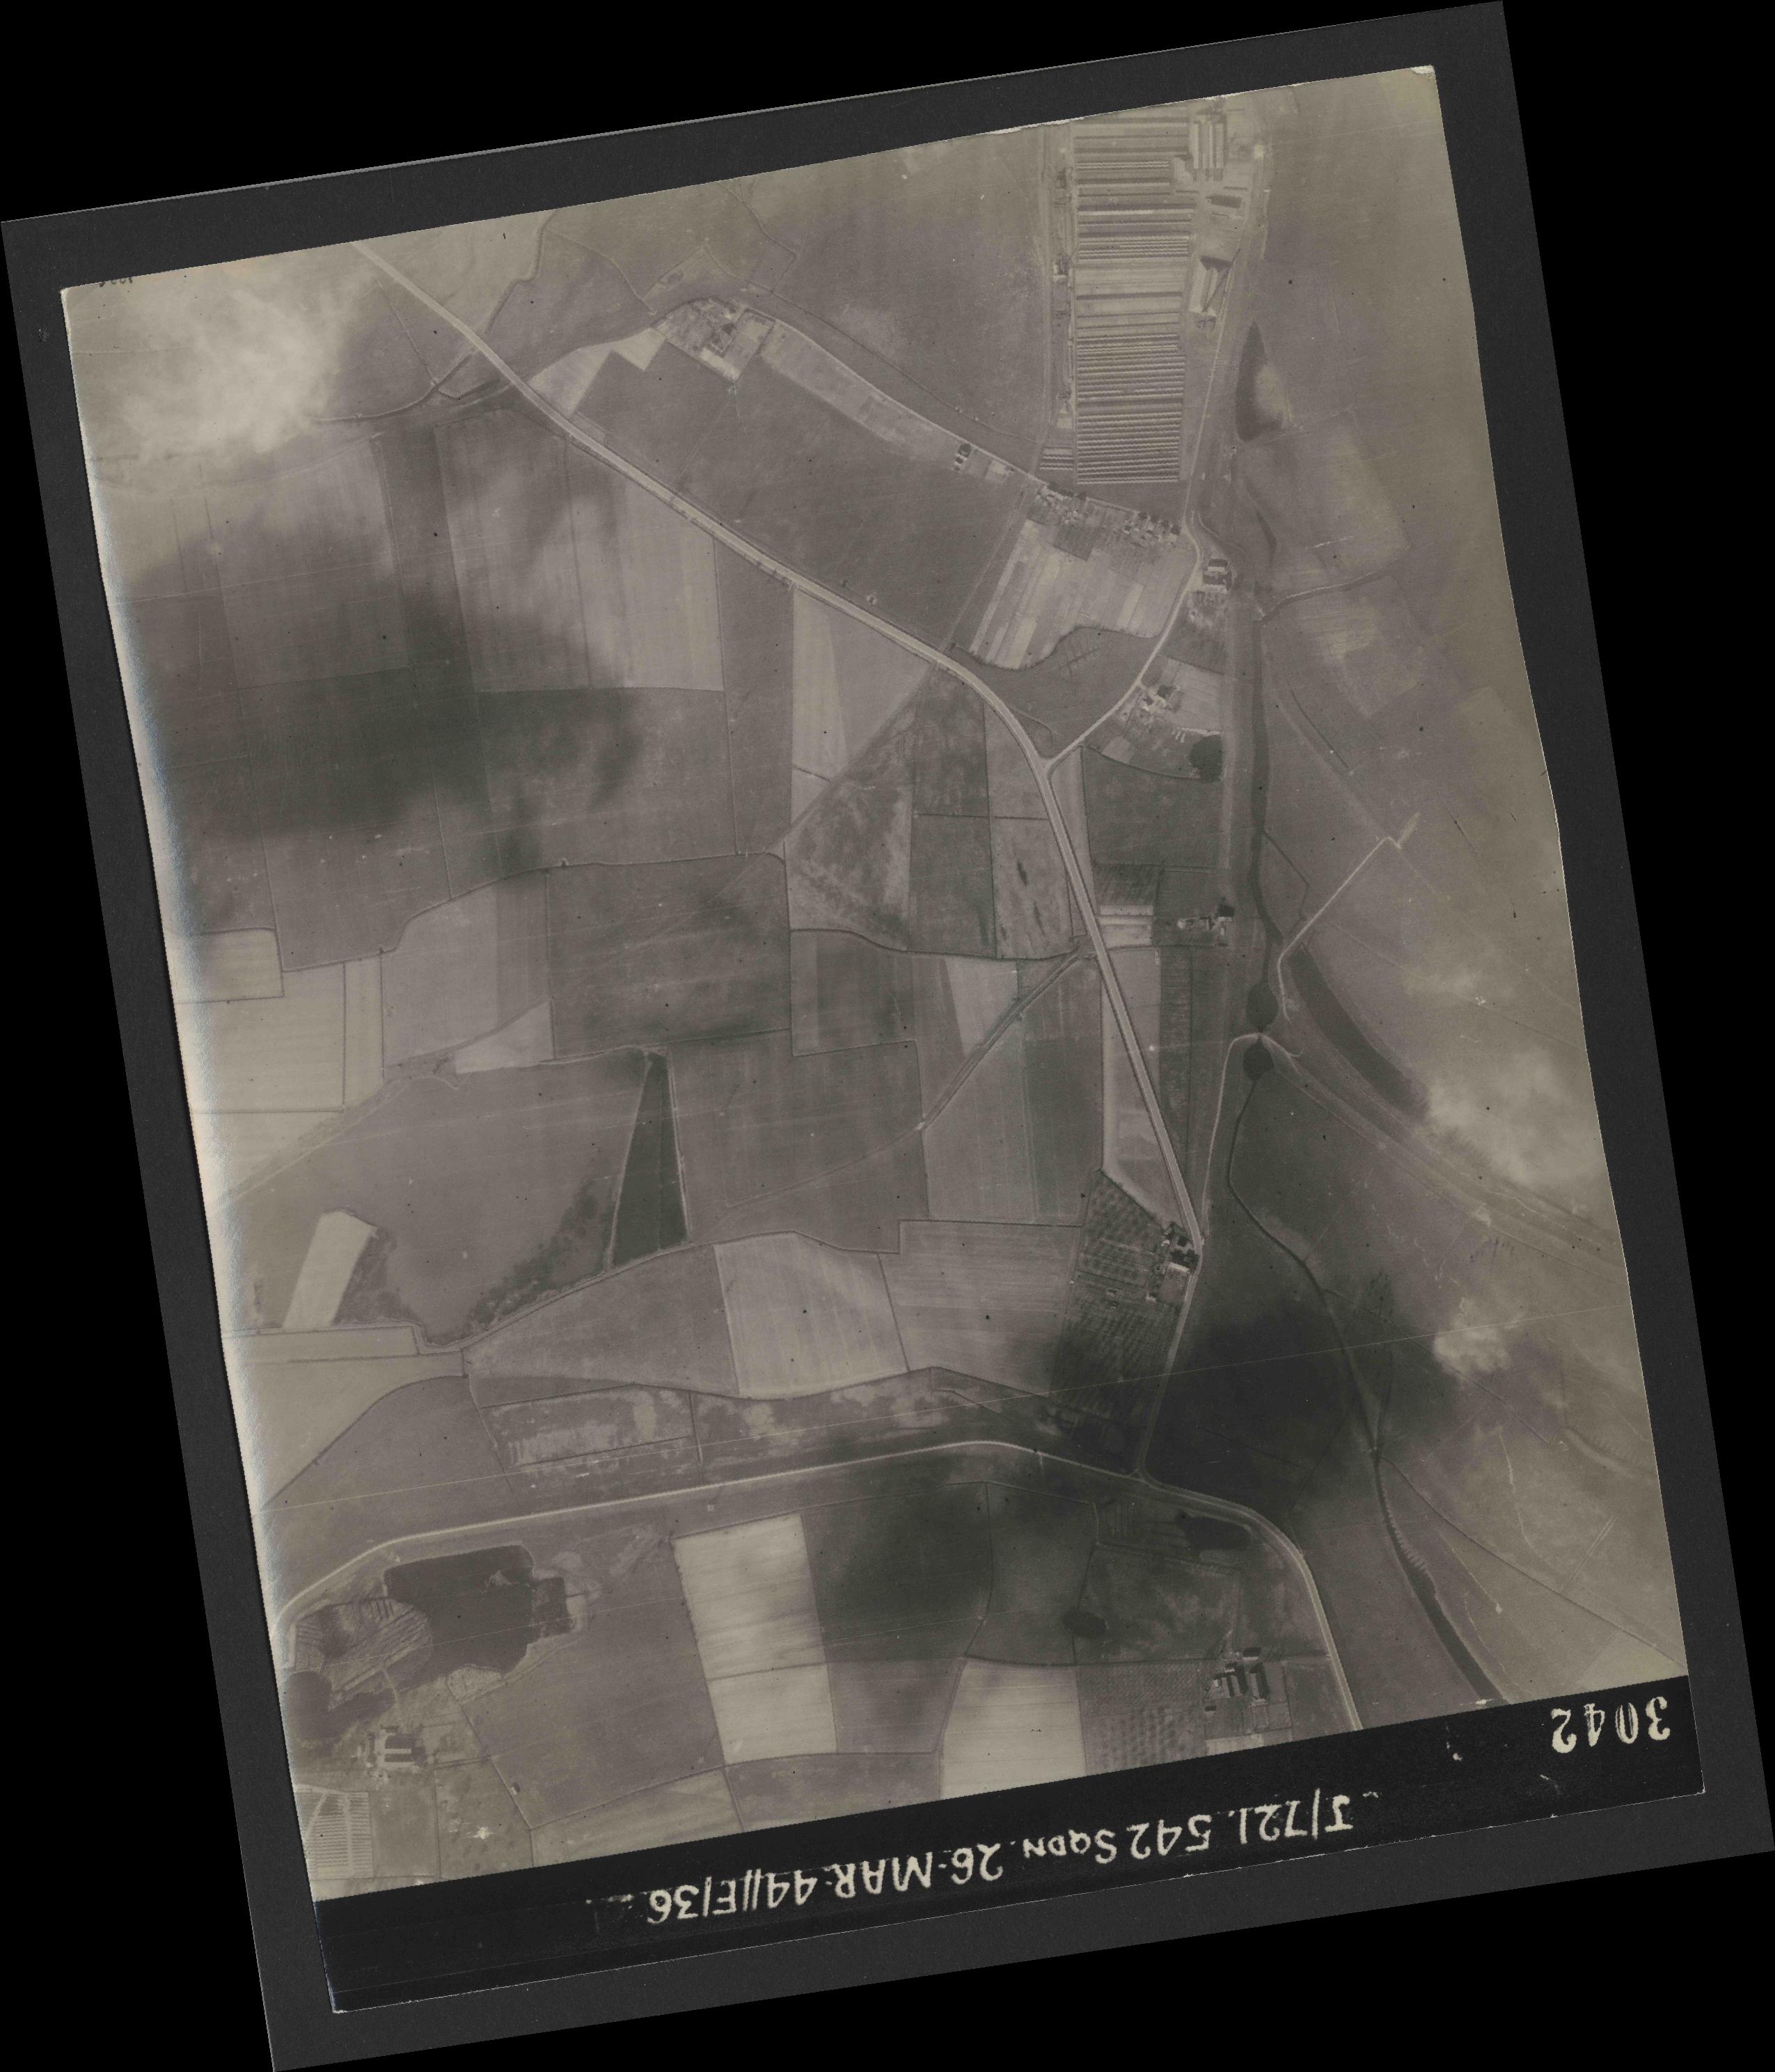 Collection RAF aerial photos 1940-1945 - flight 349, run 03, photo 3042